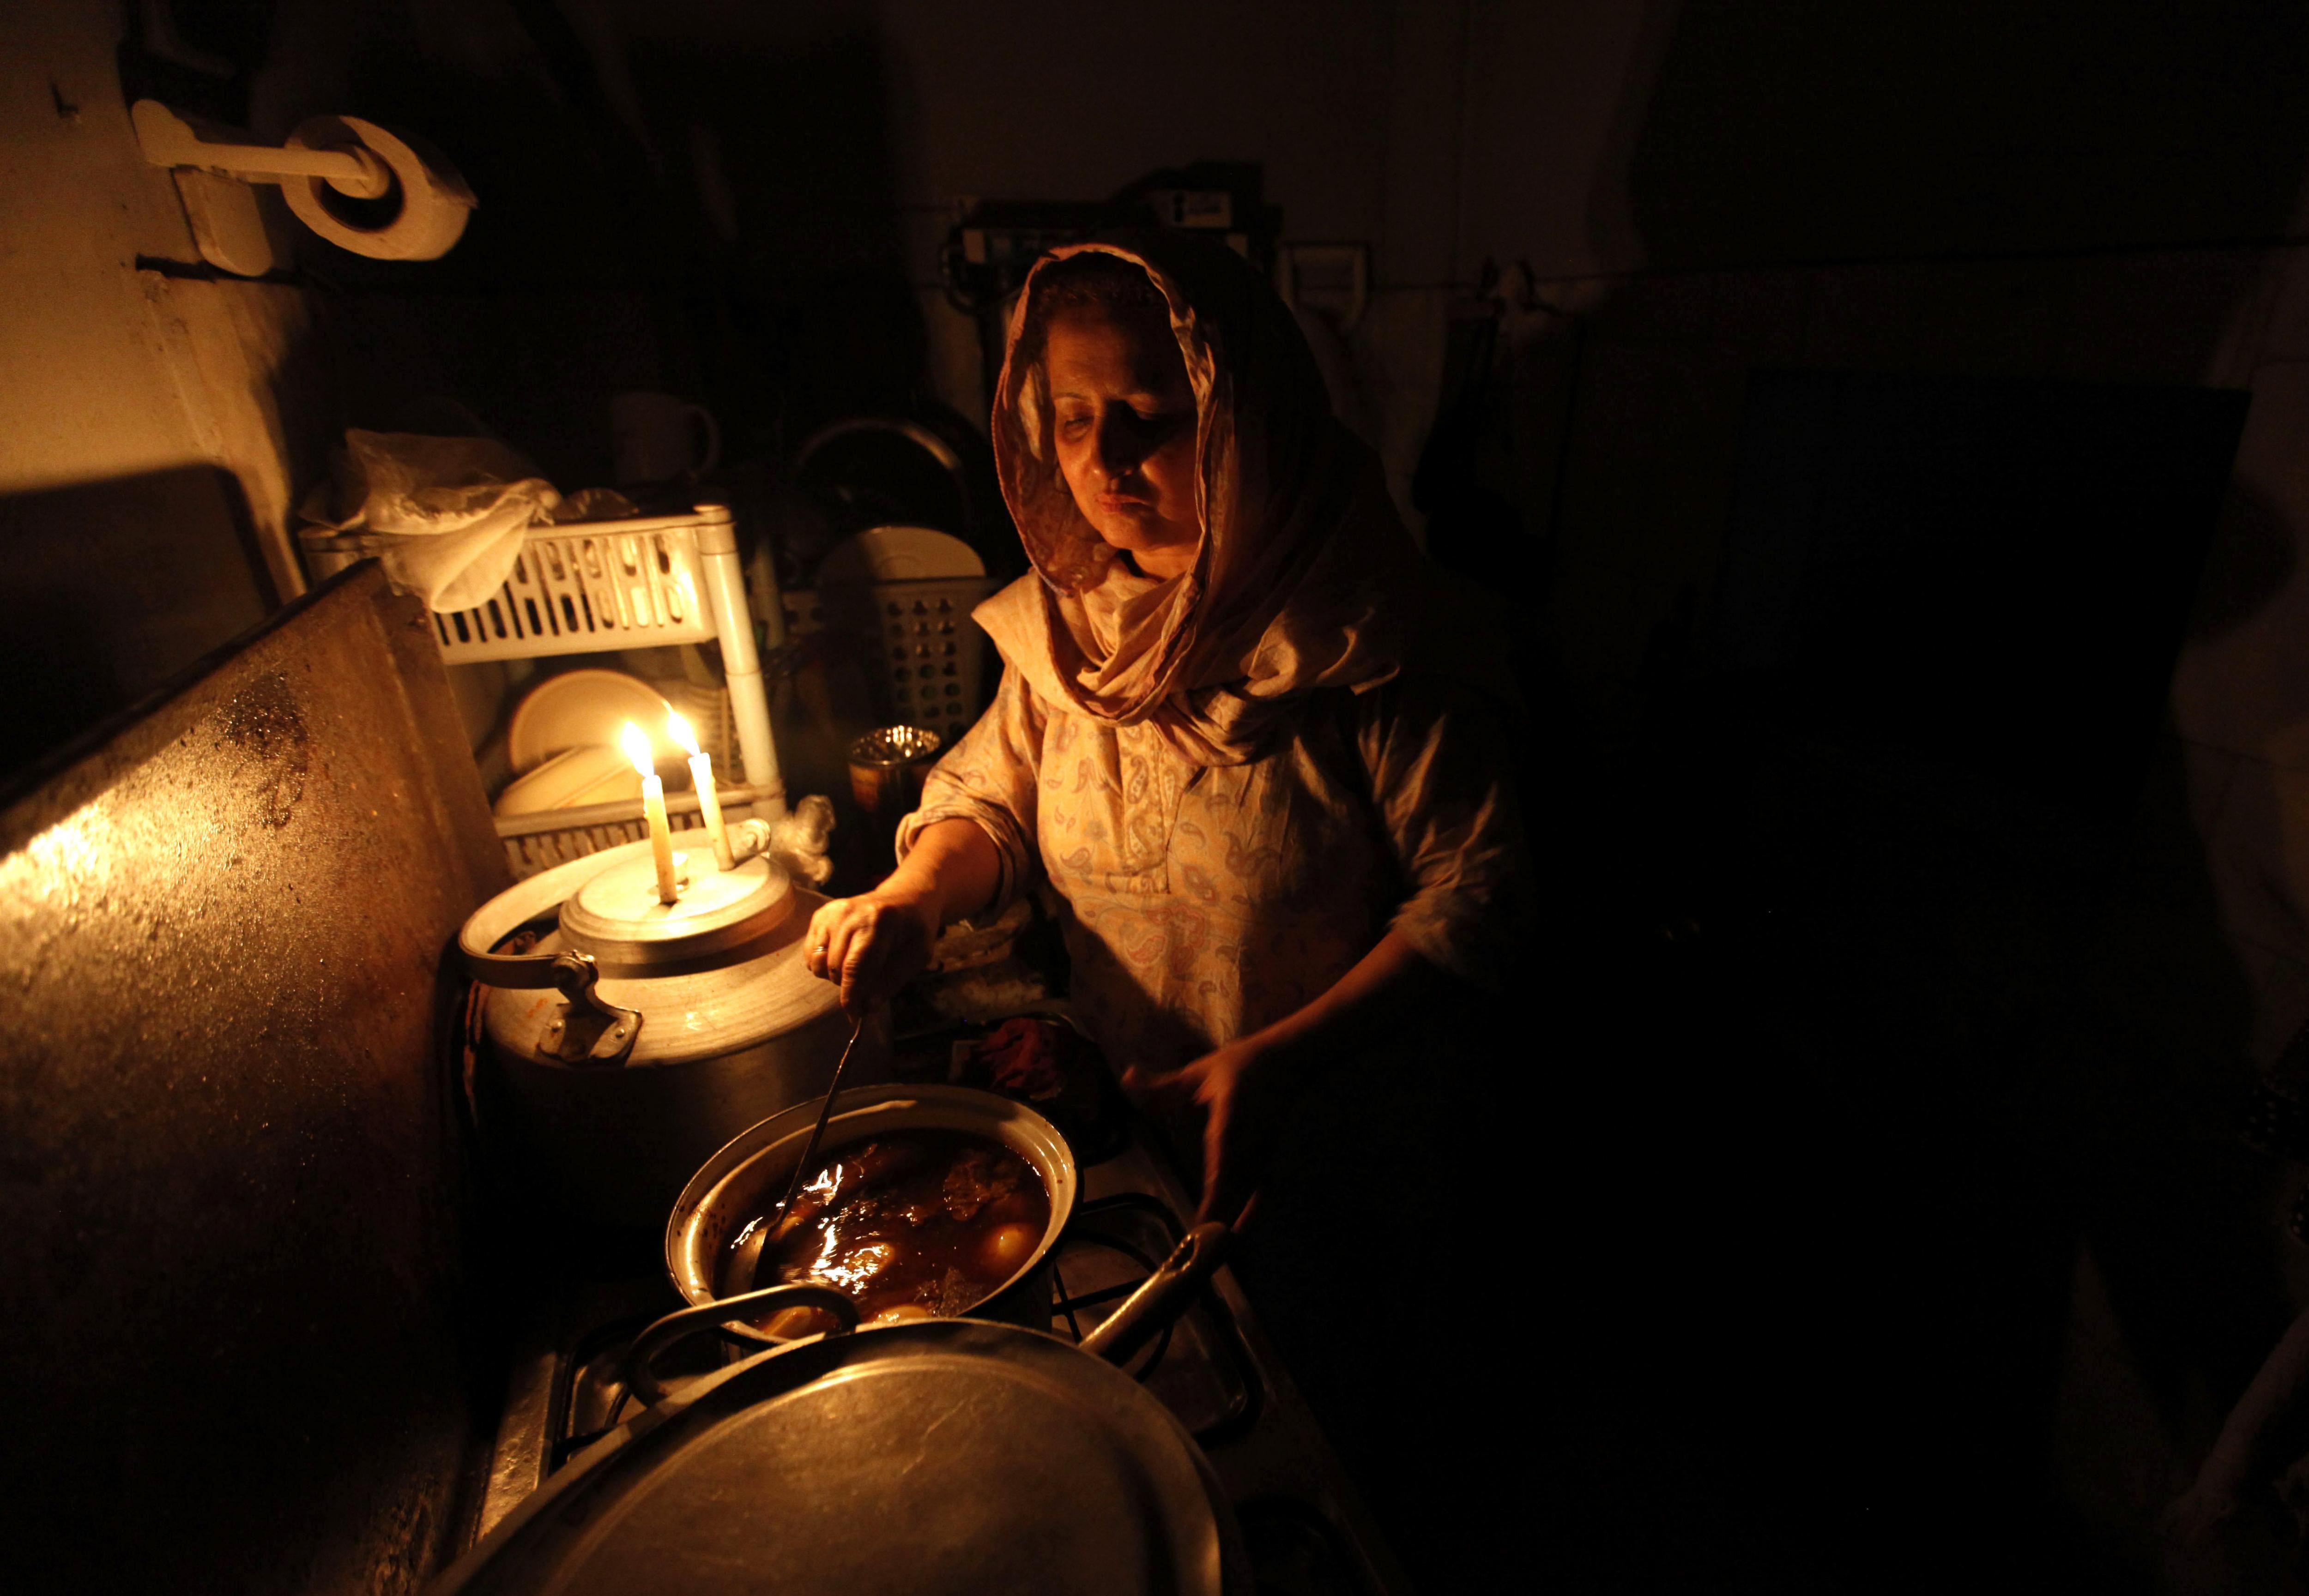 Una dona prepara el menjar durant una apagada a Peshawar (Pakistan). /BILAWAL ARBAB